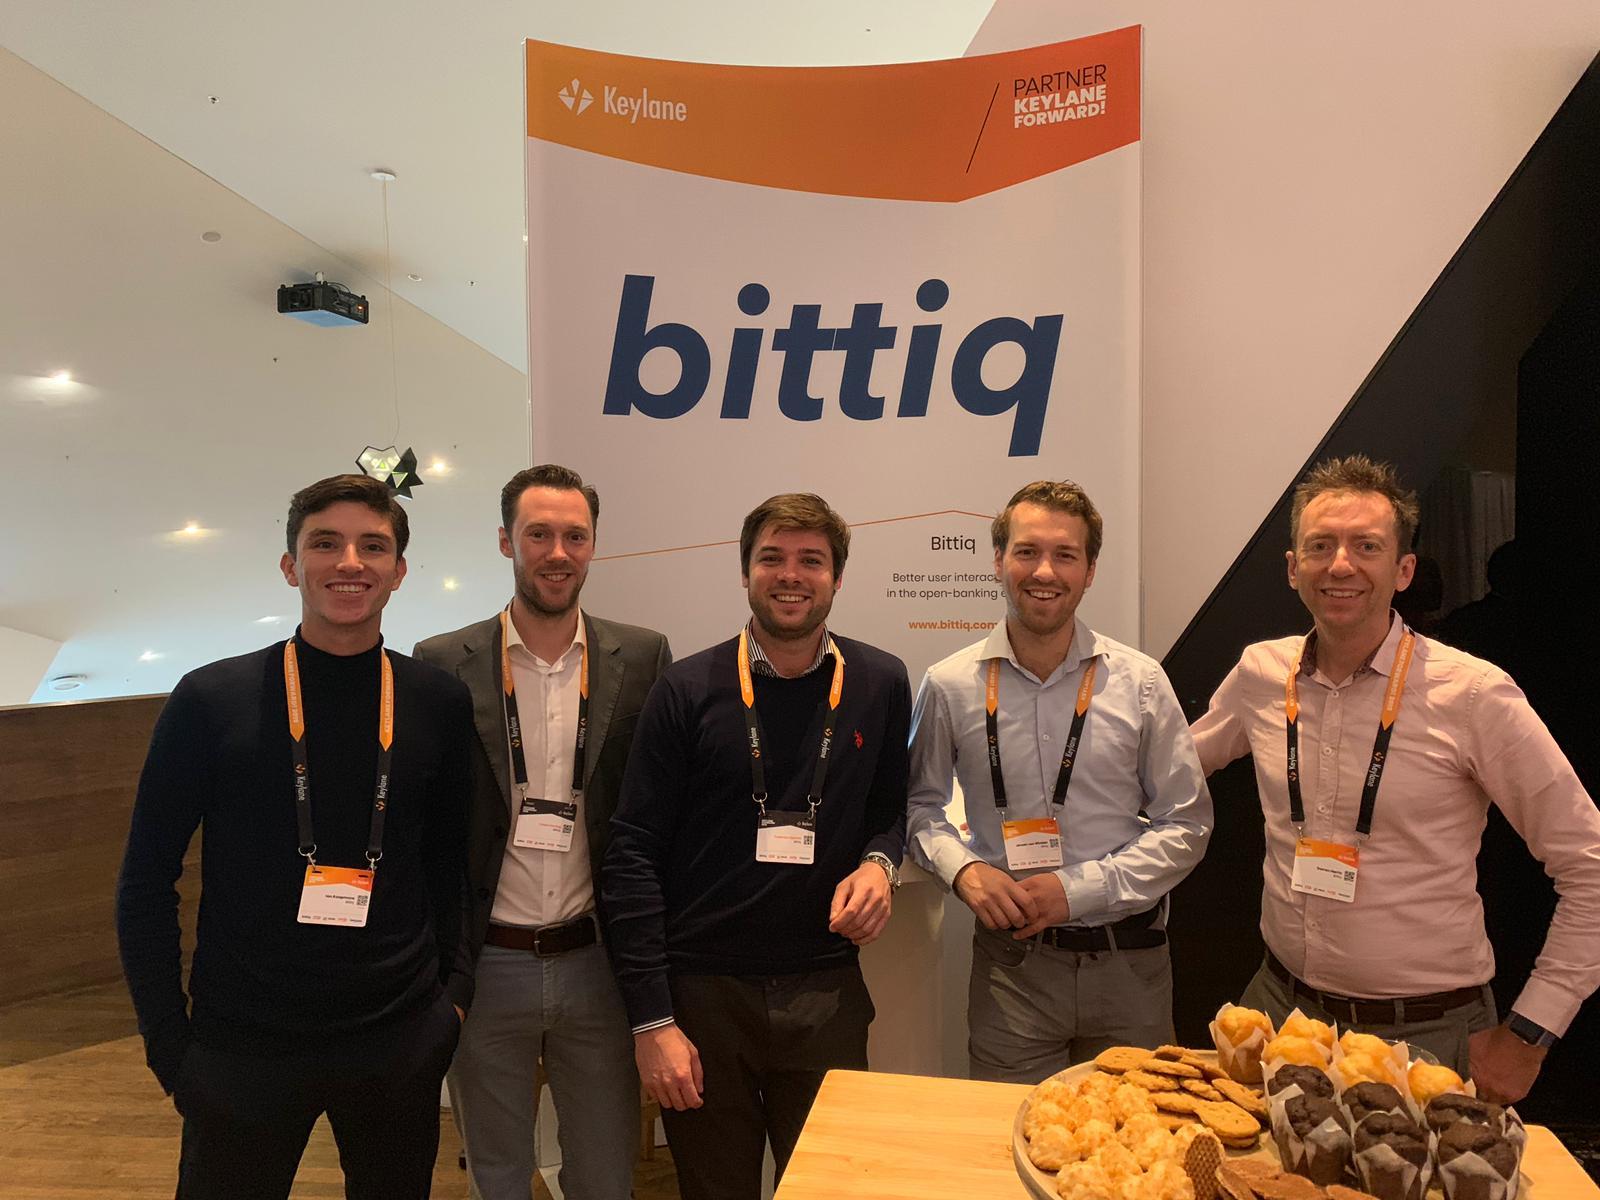 Bittiq Team